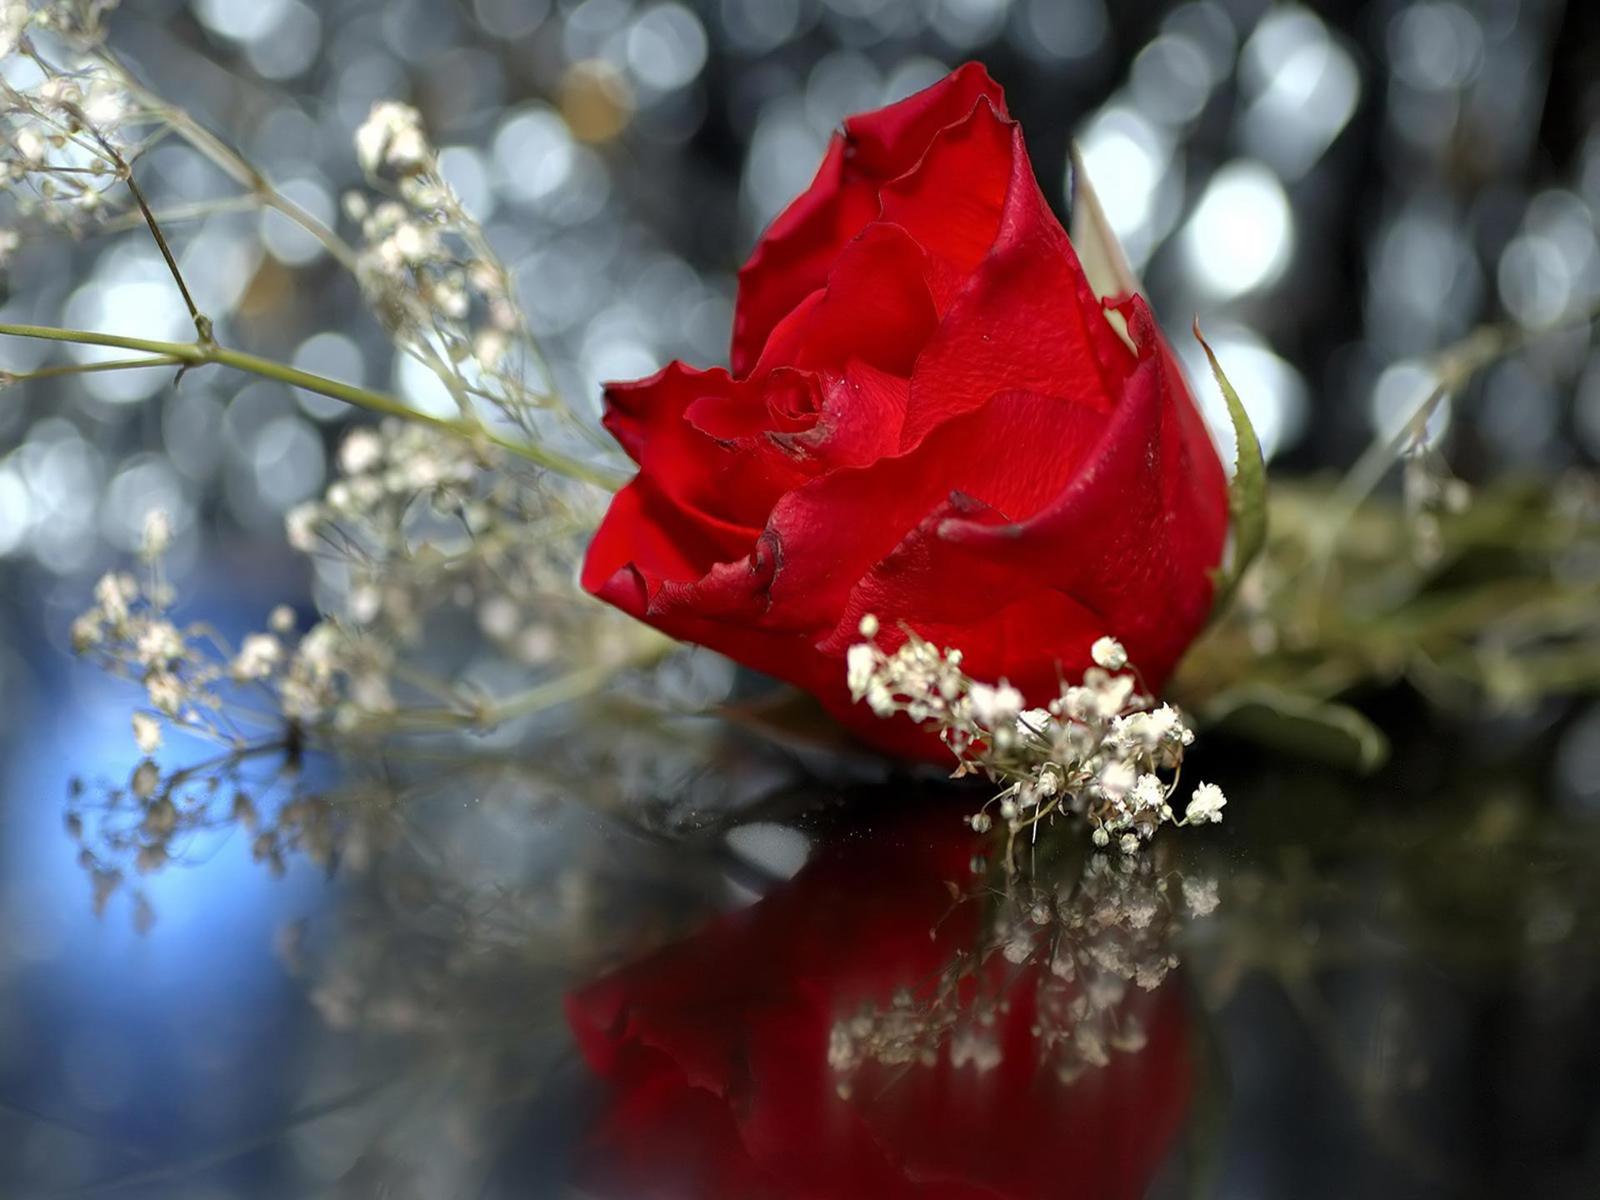 Hình nền hoa hồng đỏ cực đẹp